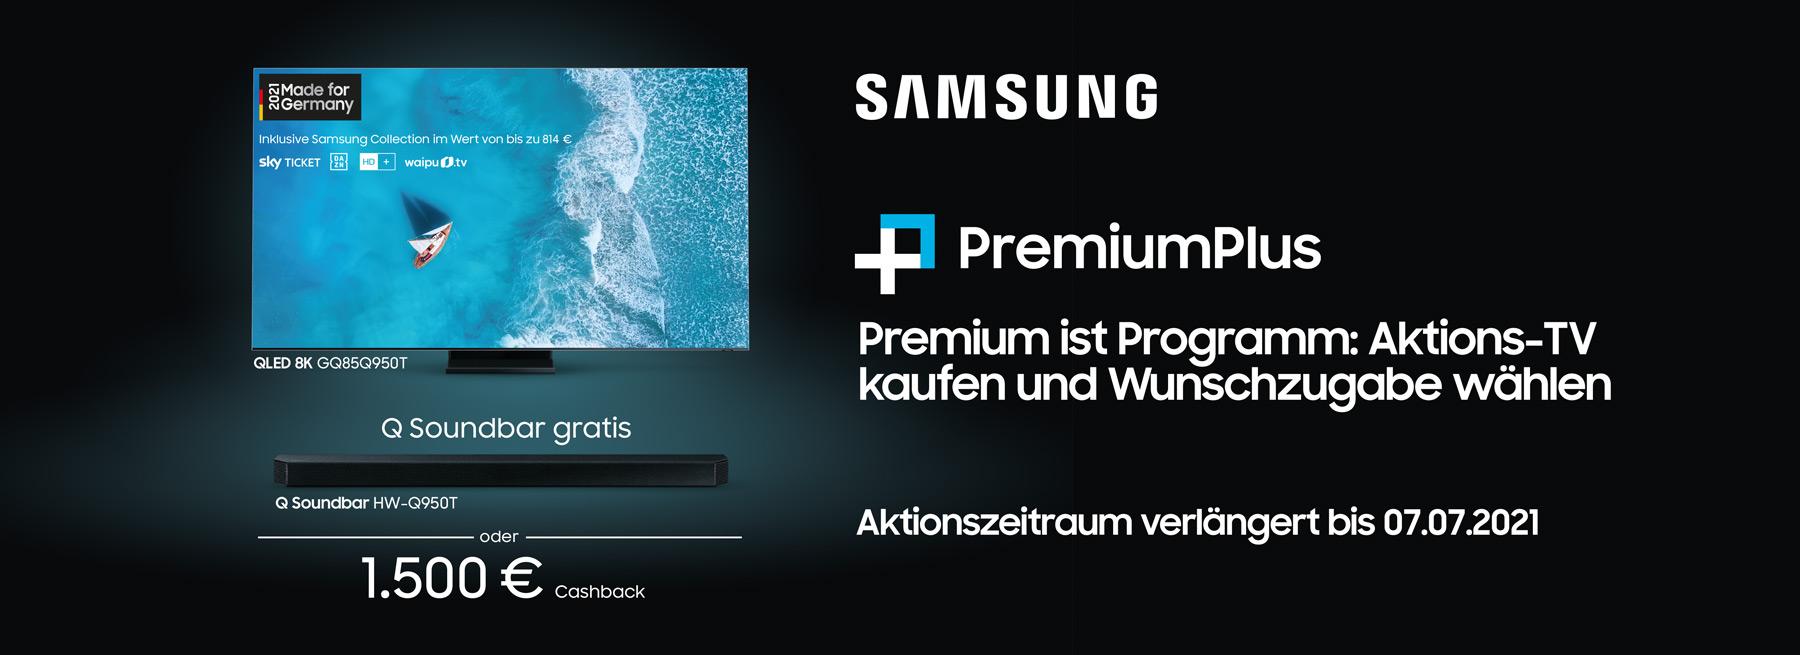 samsung-promo-premiumplus-mai-2021